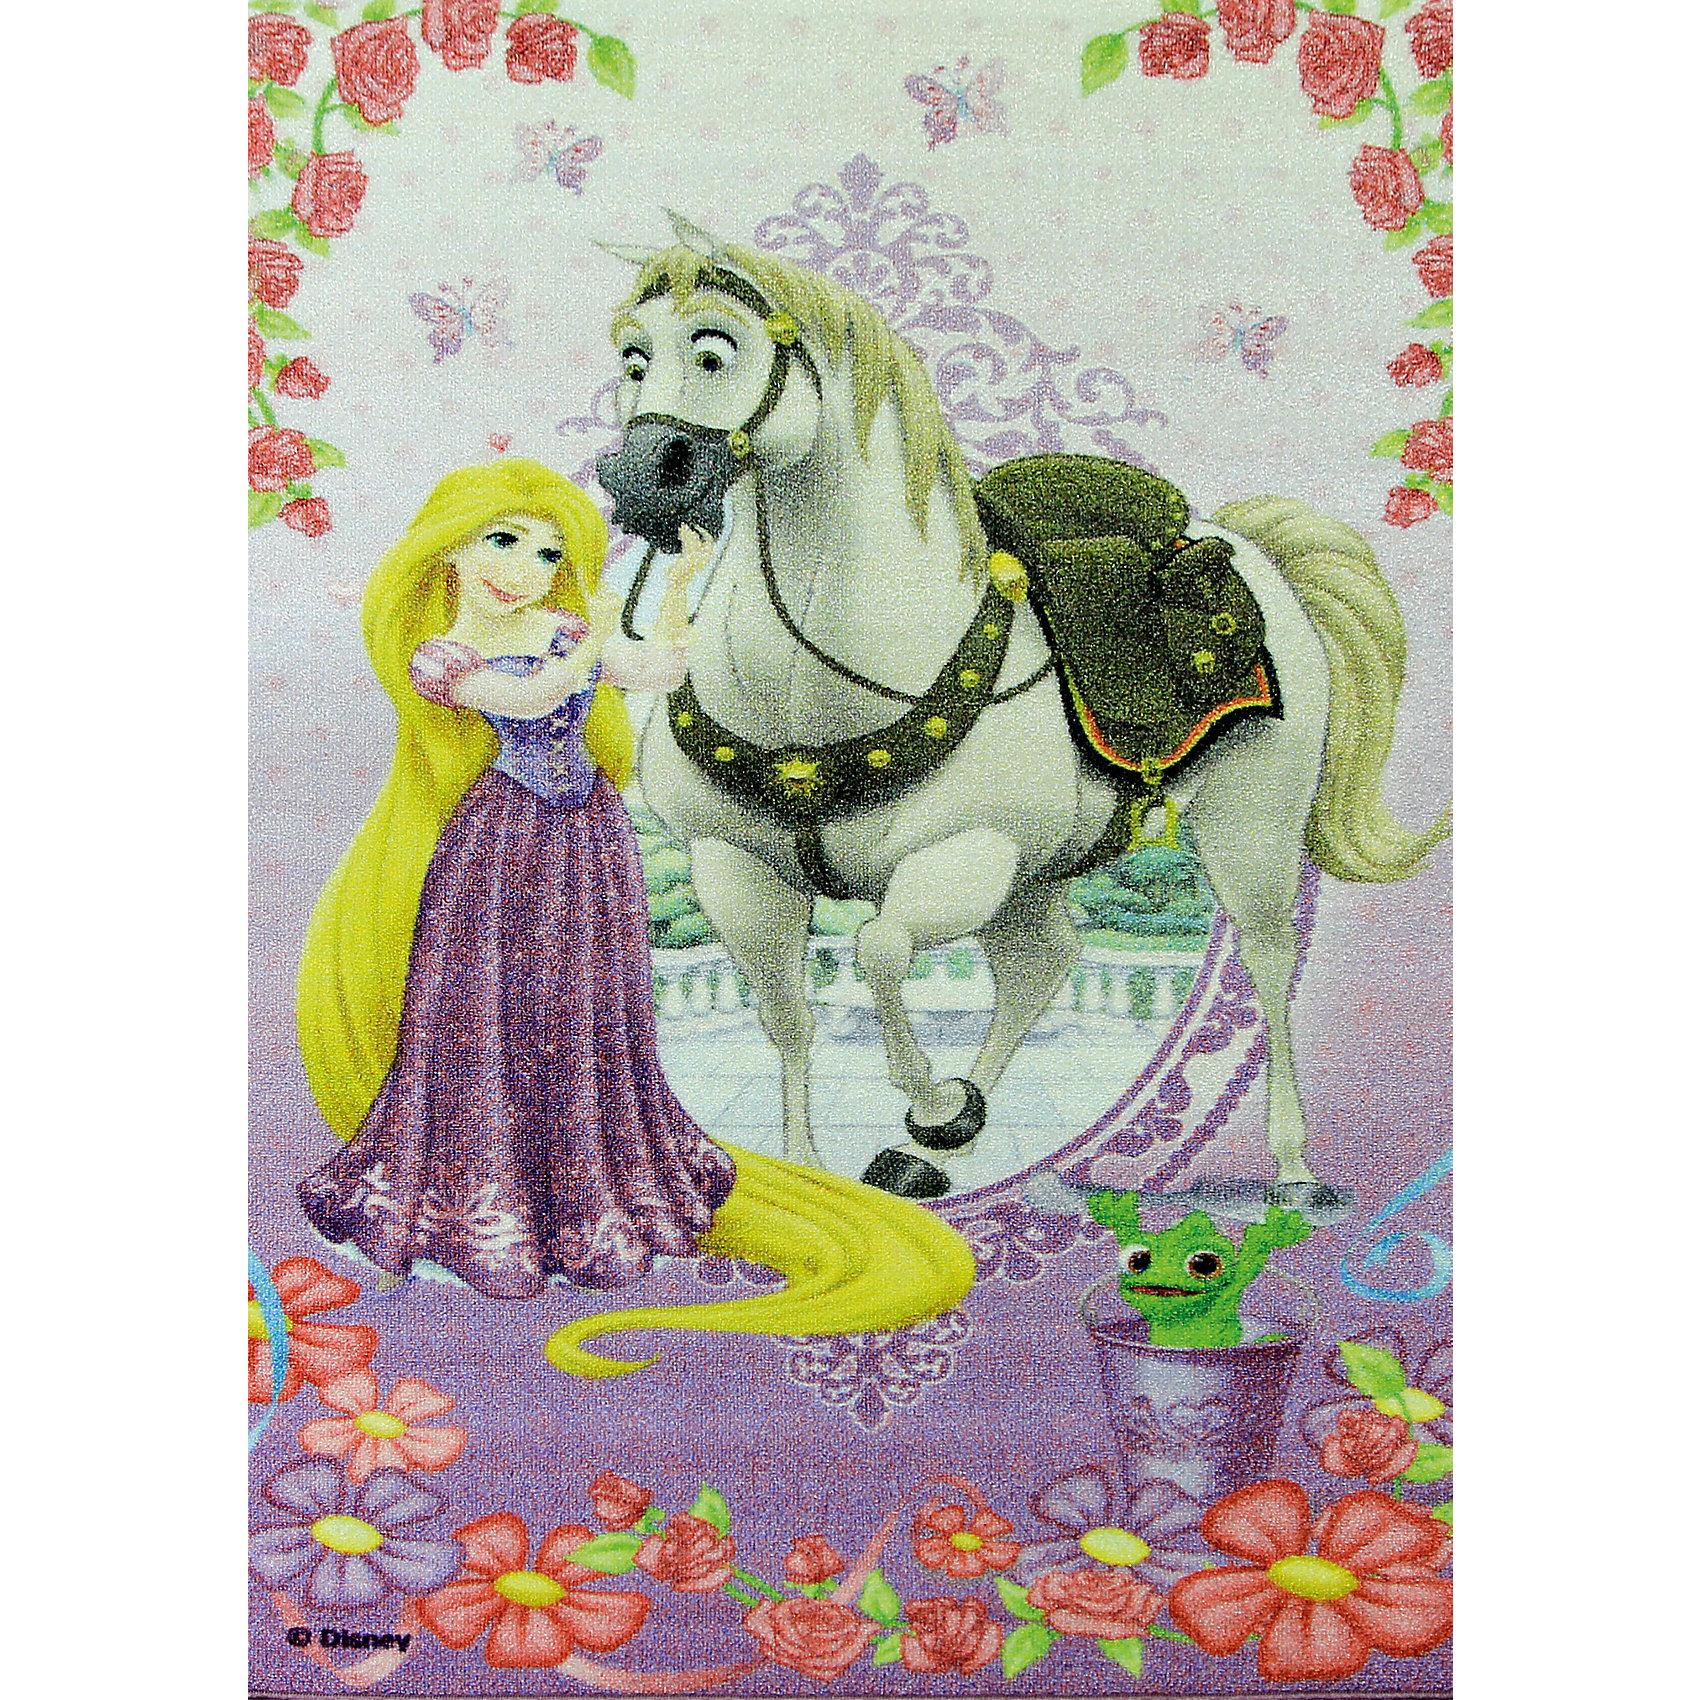 Ковер Рапунцель и конь Максимус 80*133 см, Принцессы ДиснейКовры<br>Ковер Рапунцель и конь Максимус 80*133 см, Принцессы Дисней – яркий красочный ковер, за которым легко ухаживать сделает комнату уютной.<br>Позитивный качественный детский ковёр, коллекции Disney, с очаровательной Рапунцель и белоснежным конем Максимусом, любимыми героями знаменитого диснеевского мультфильма «Рапунцель: Запутанная история» украсит интерьер детской комнаты и наполнит мир вашей девочки яркими и живыми красками. Детские ковры Disney очень практичны, изготовлены из безопасных и высококачественных синтетических материалов, стойки к истиранию и не выгорают. По краям ковры аккуратно обшиты. Полиамидный ворс не впитывает влагу, что существенно облегчает уход за изделием, а латексная основа не скользит по полу. Небольшой размер и вес позволит без труда перемещать ковер в разные места комнаты и легко производить уборку под ковром.<br><br>Дополнительная информация:<br><br>- Размер: 80х133 см.<br>- Высота ворса: 4 мм.<br>- Вес ковра: 1,3 кг/м2<br>- Состав ворса: 100% полиамид<br>- Состав основы: гелиевая<br>- Цвет: сиреневый<br>- Вид производства: машинное<br><br>Ковер Рапунцель и конь Максимус 80*133 см, Принцессы Дисней можно купить в нашем интернет-магазине.<br><br>Ширина мм: 200<br>Глубина мм: 200<br>Высота мм: 800<br>Вес г: 1277<br>Возраст от месяцев: 36<br>Возраст до месяцев: 120<br>Пол: Женский<br>Возраст: Детский<br>SKU: 4466018